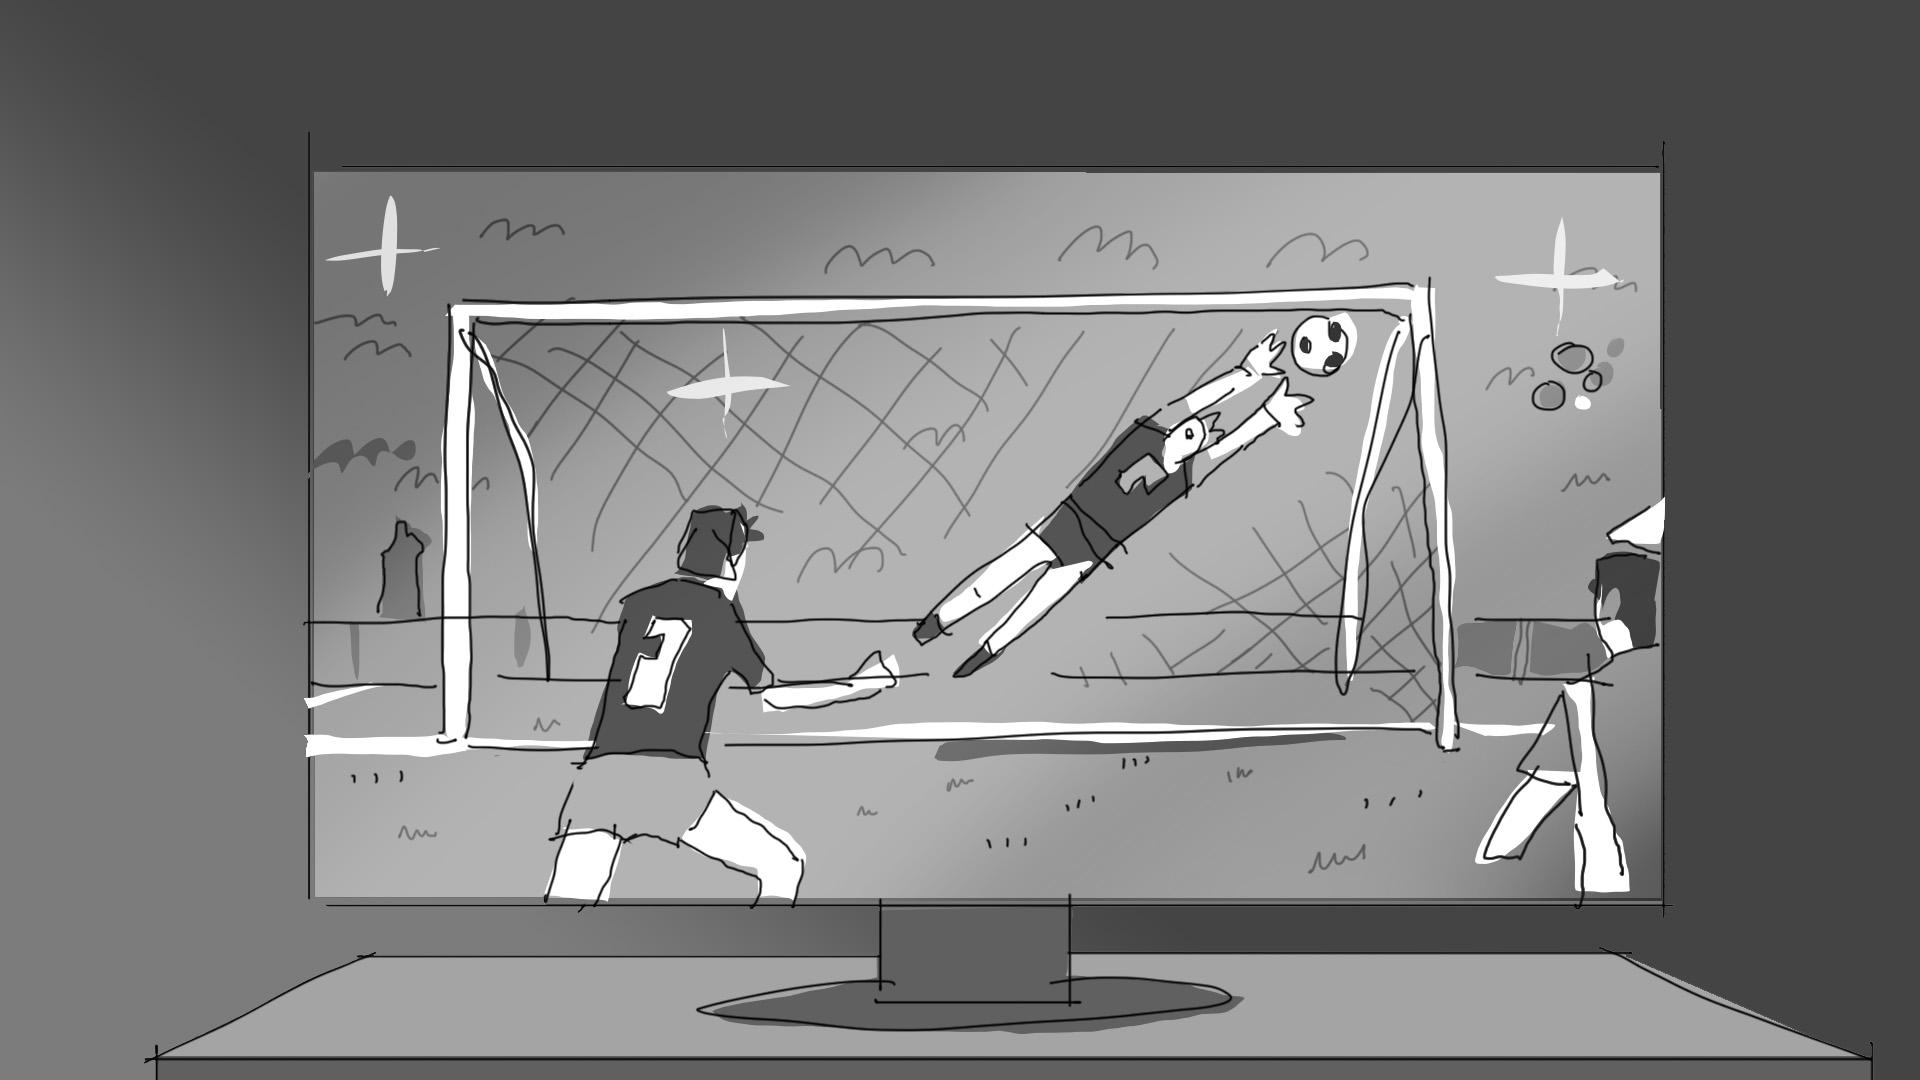 storyboard cine publicidad spot commercial shooting dibujo viñeta artwork futbol árbitro champions league partido penalty